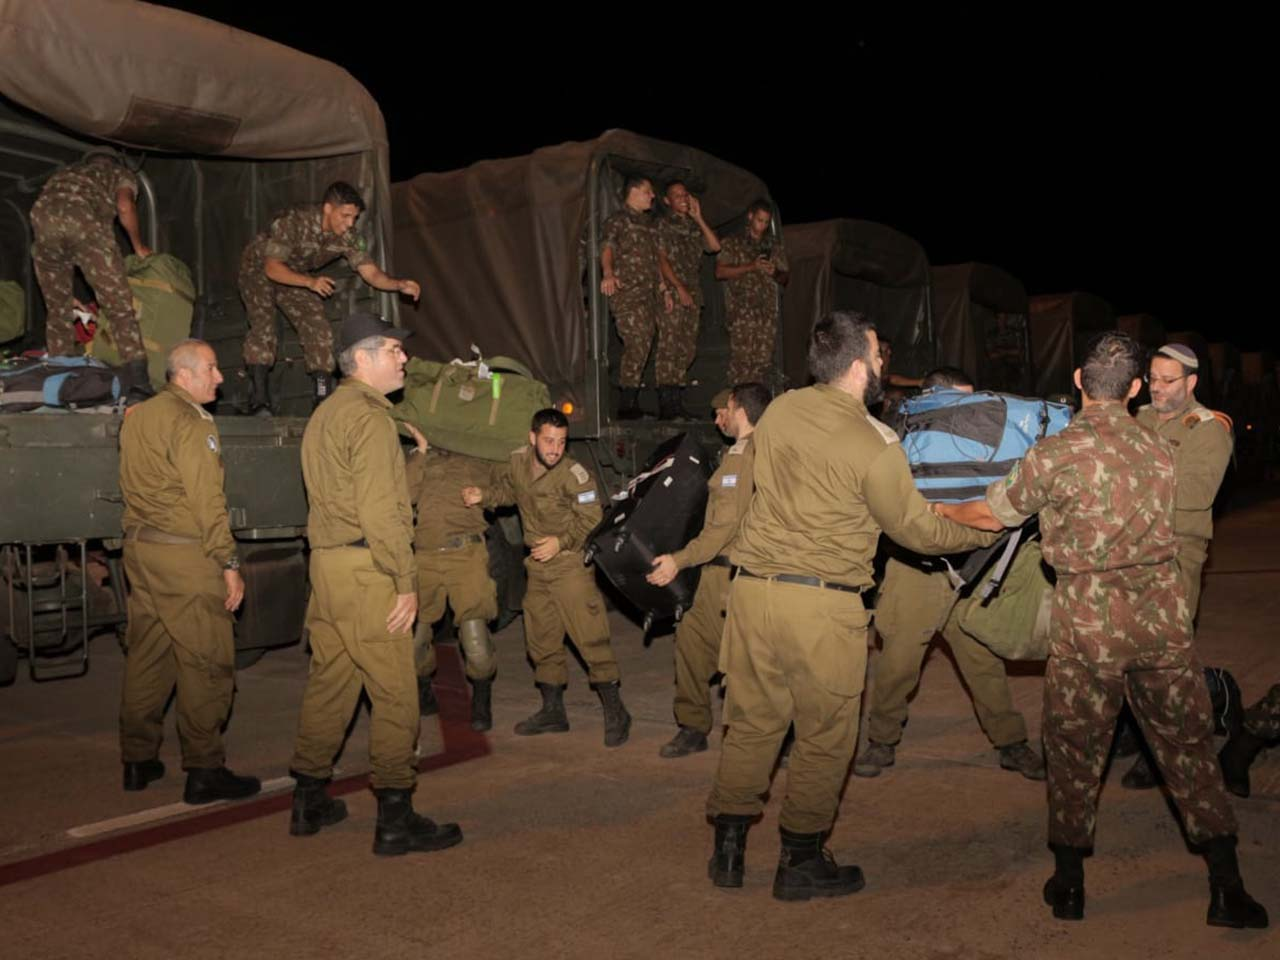 Exército Brasileiro apoia, junto às demais Forças, as equipes de busca e salvamento na Região de Brumadinho